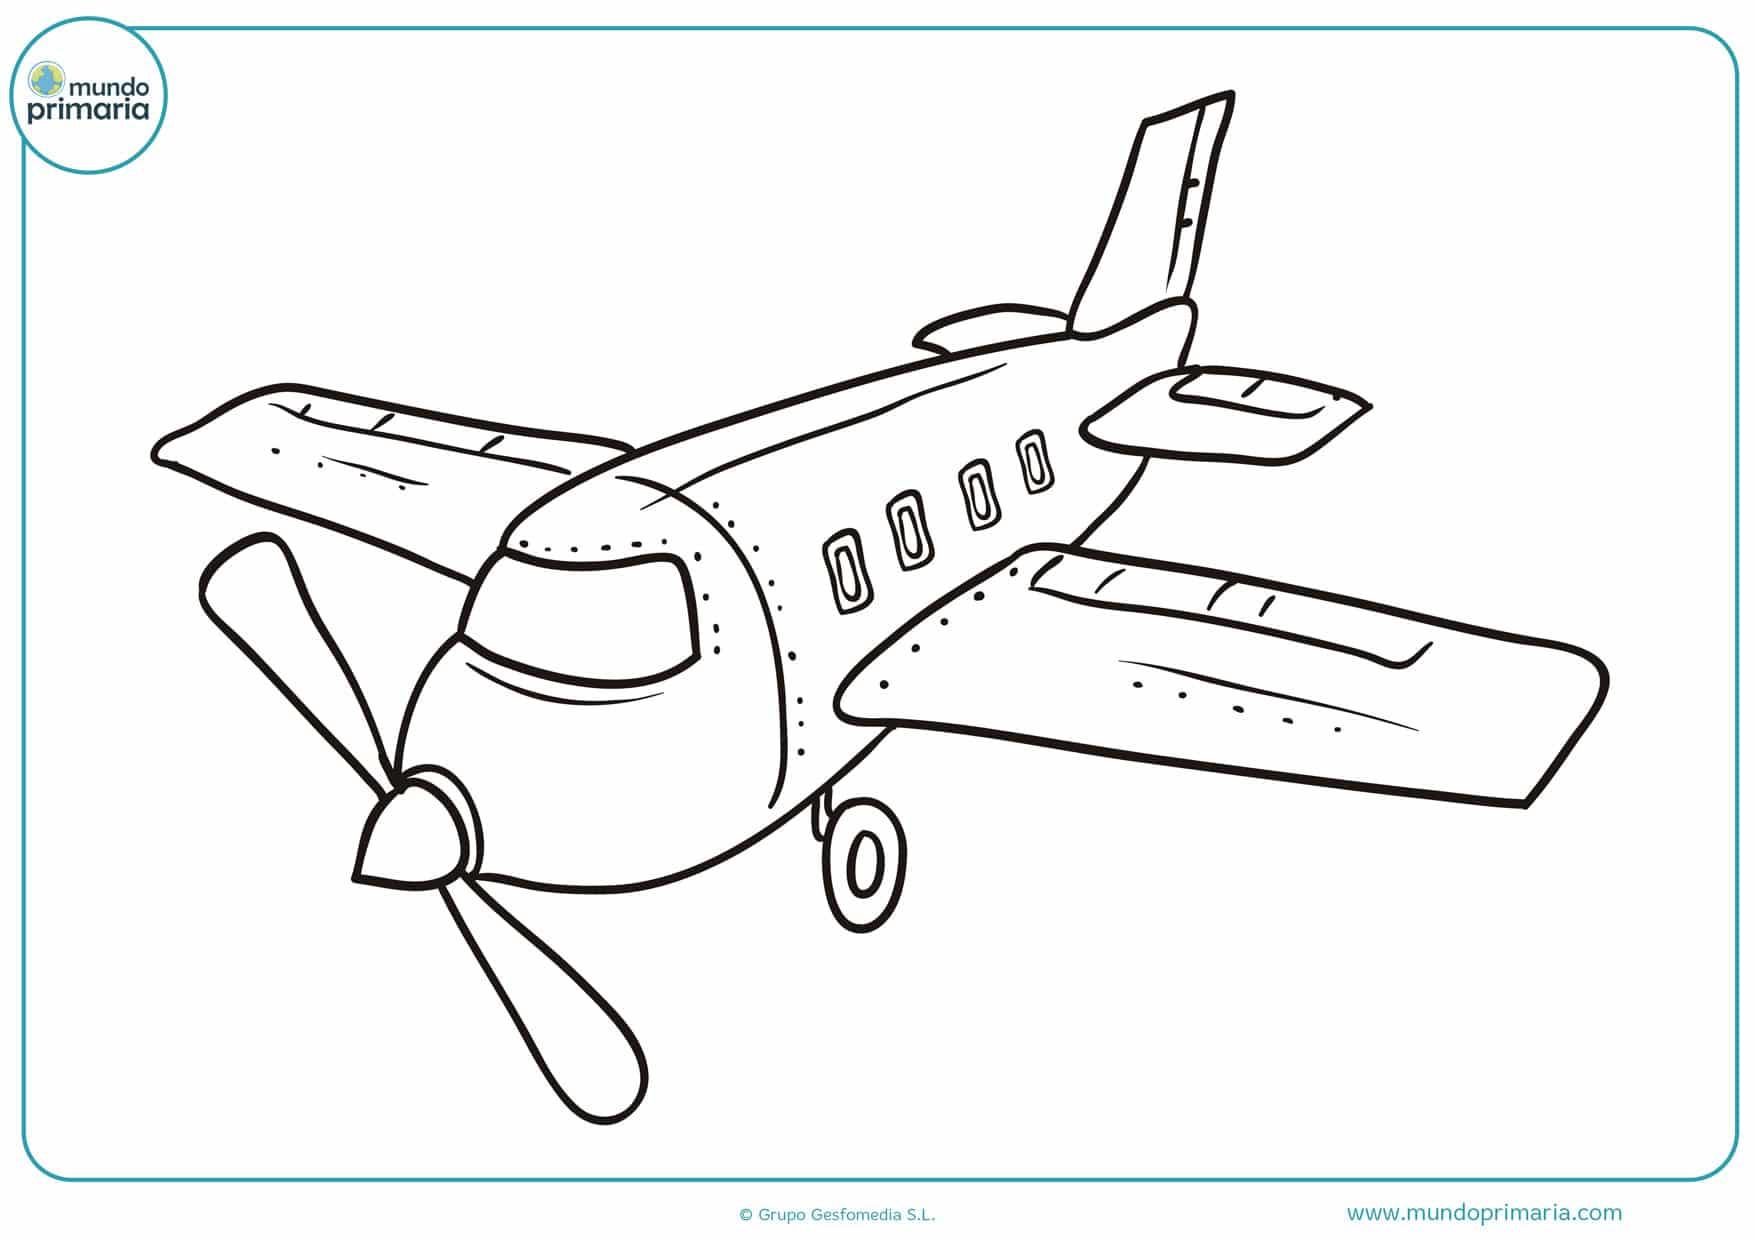 dibujos de aviones para colorear para niños